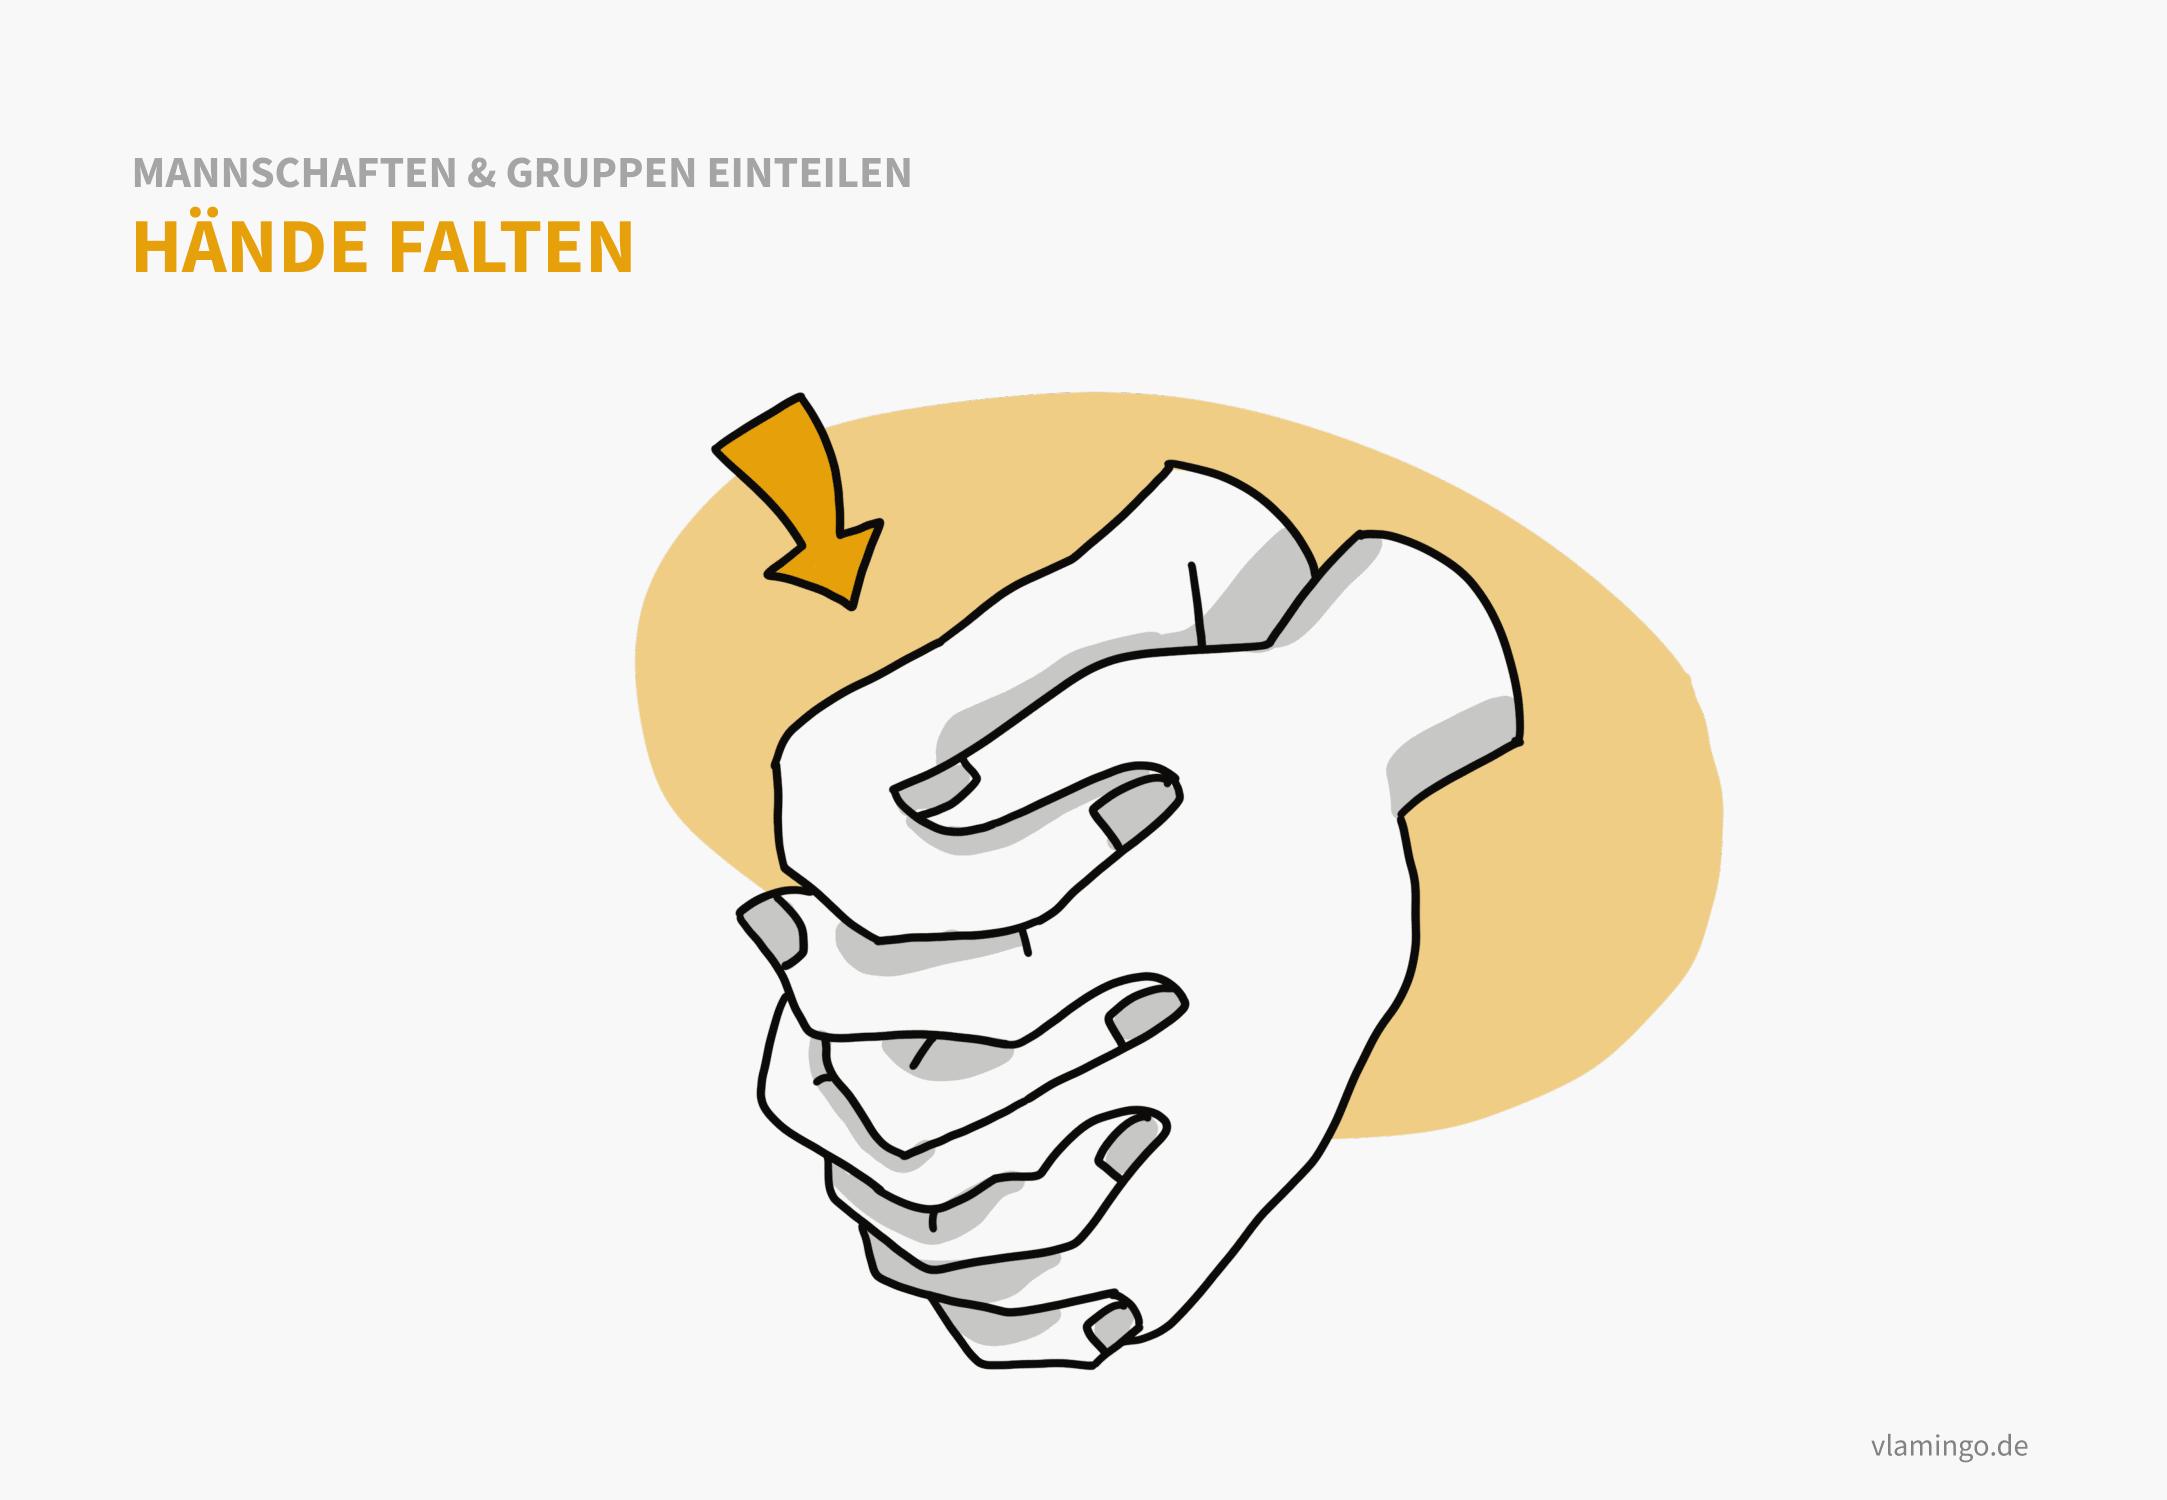 Hände falten - Methode zur Mannschaftseinteilung